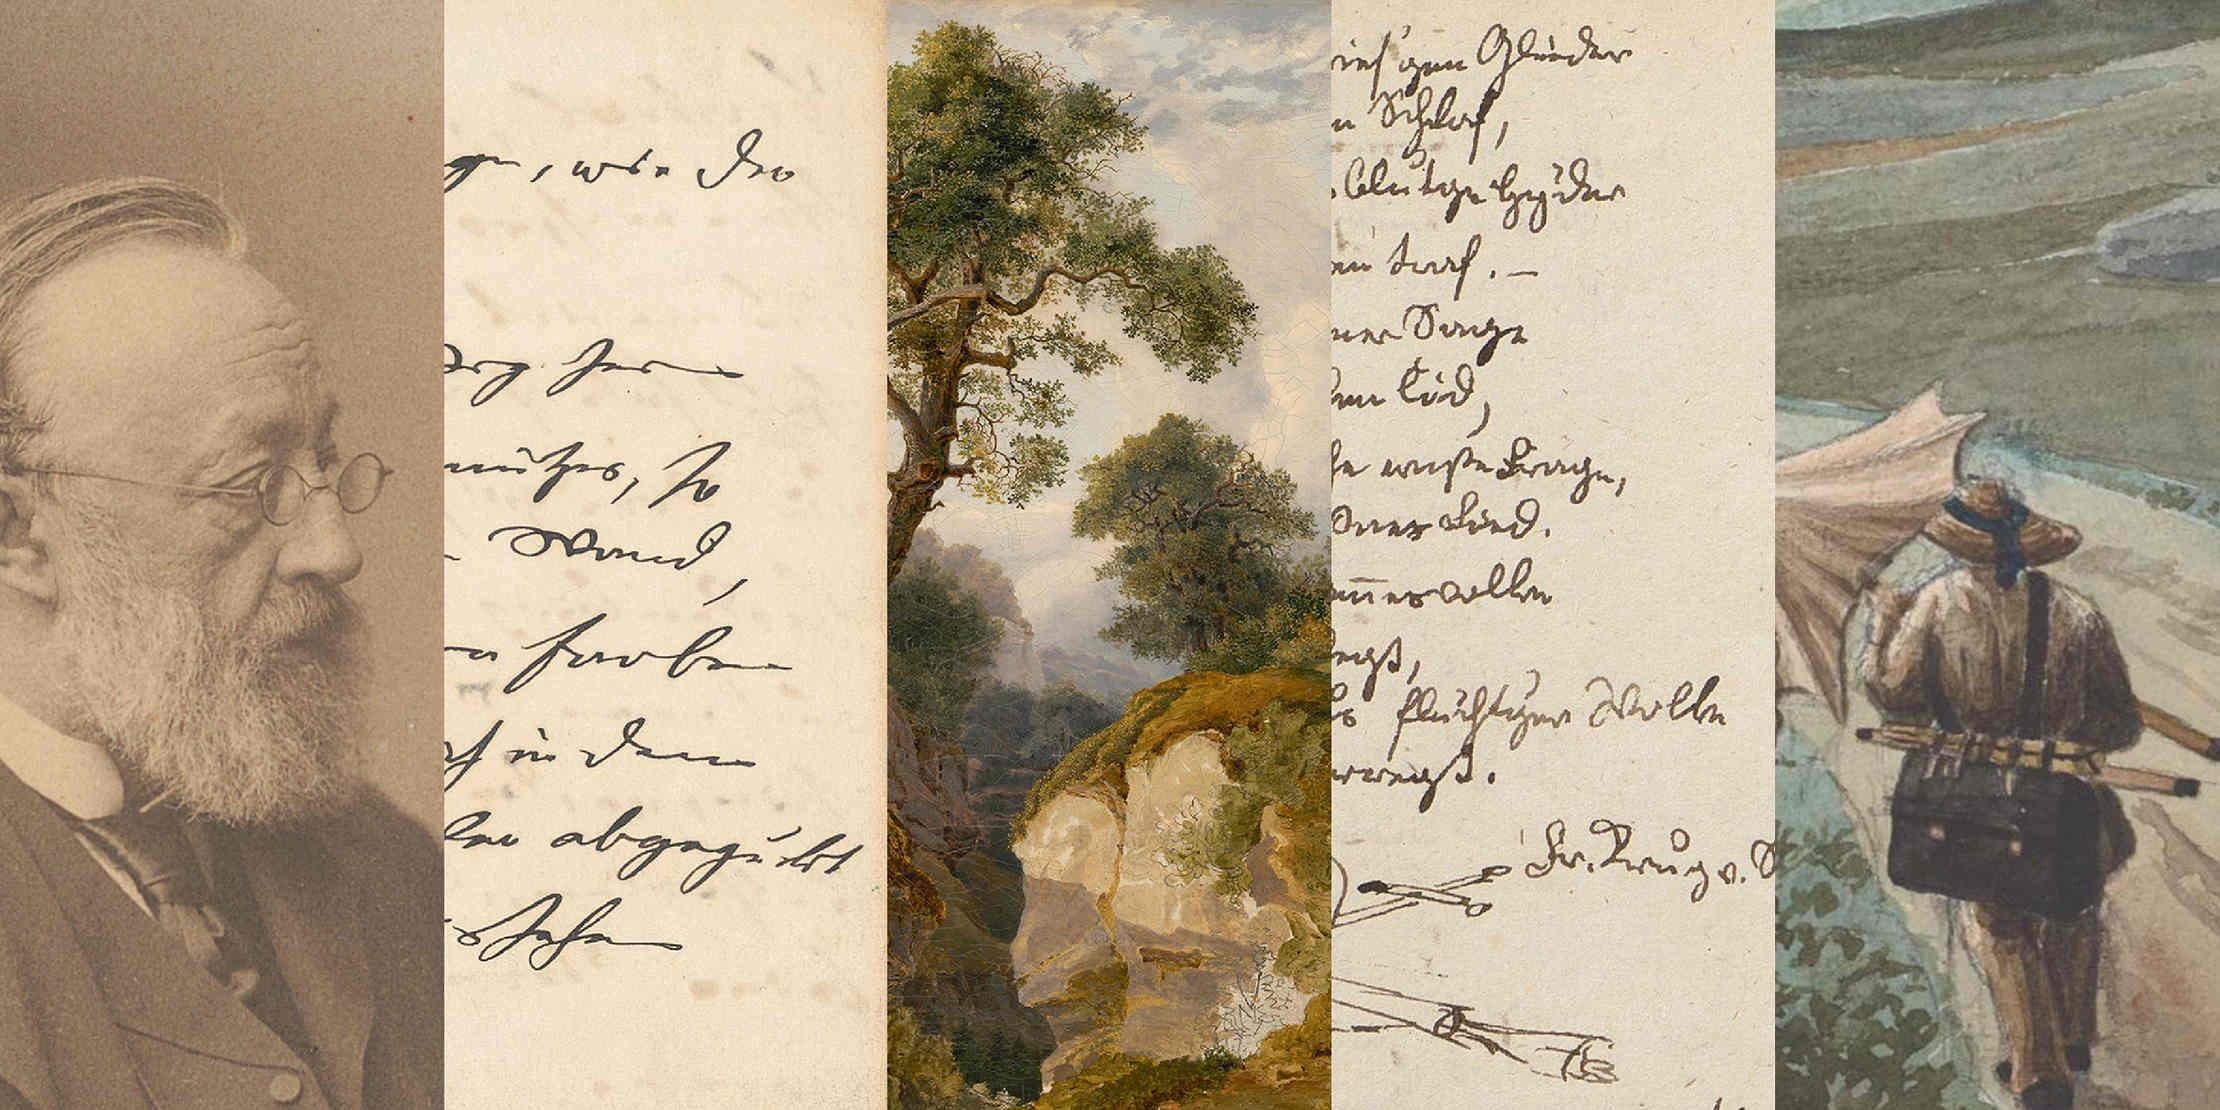 Gottfried Keller Bibliography